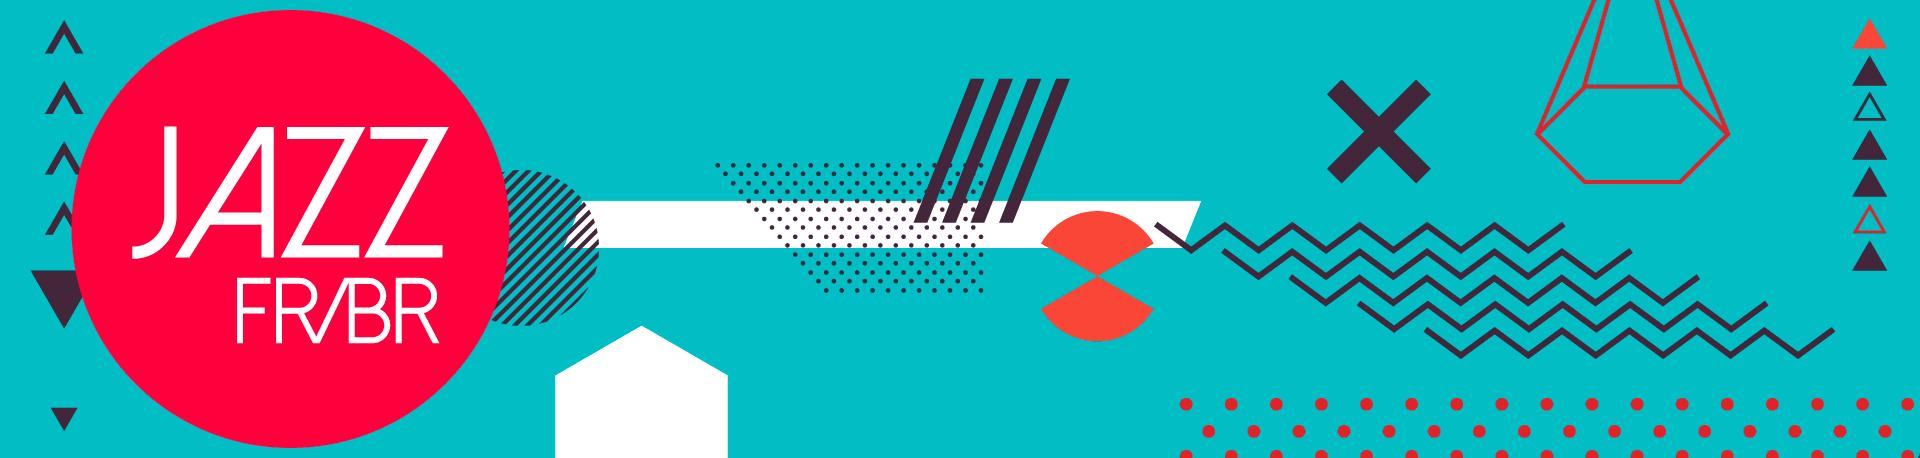 banner-jazzfrbr